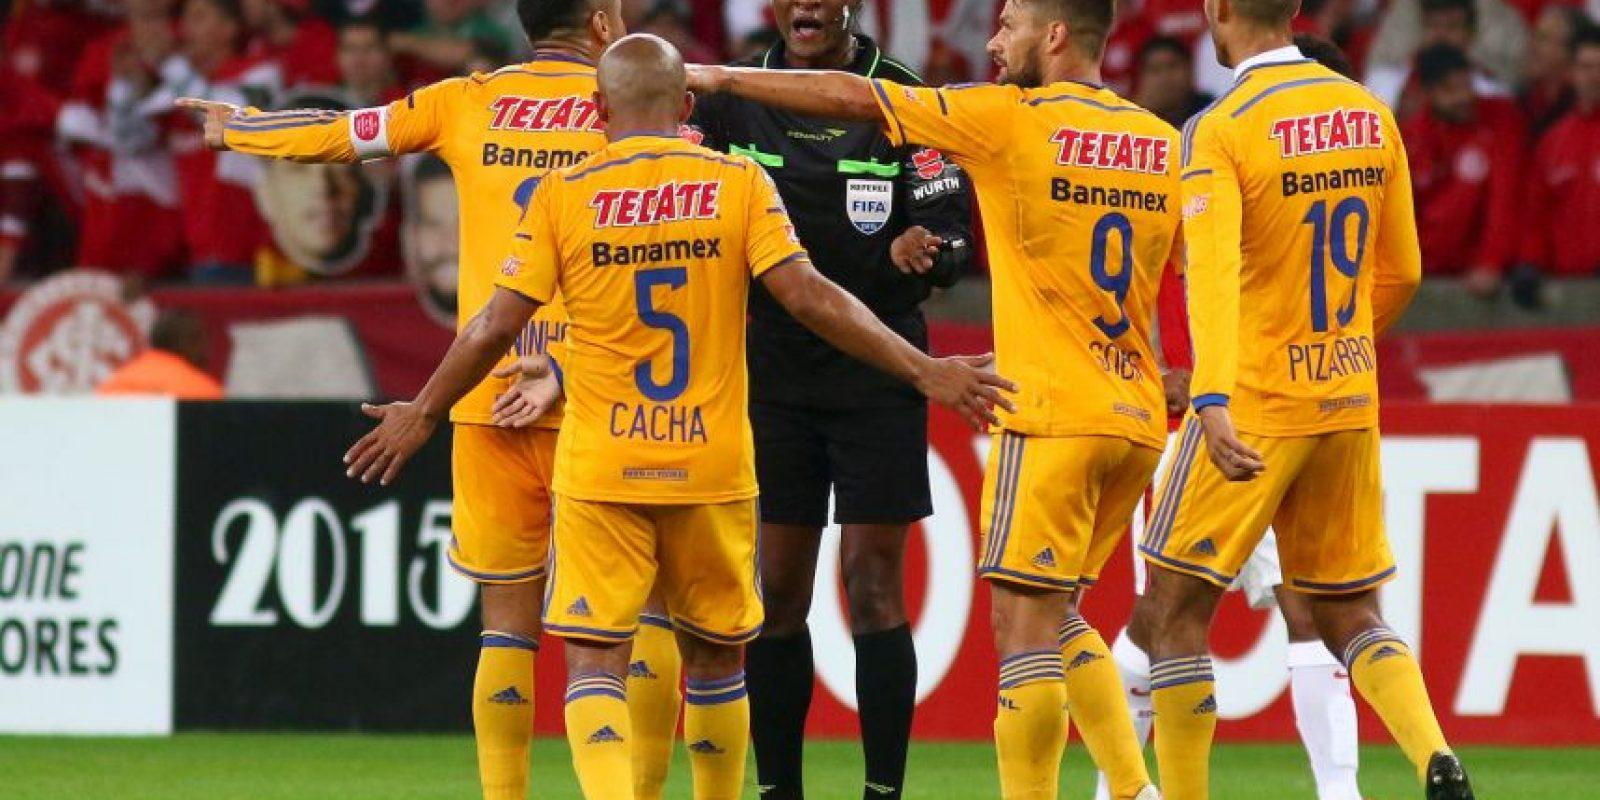 Los Tigres buscan la primera Copa Libertadores de su historia y la primera también, para un club mexicano. Foto:Getty Images